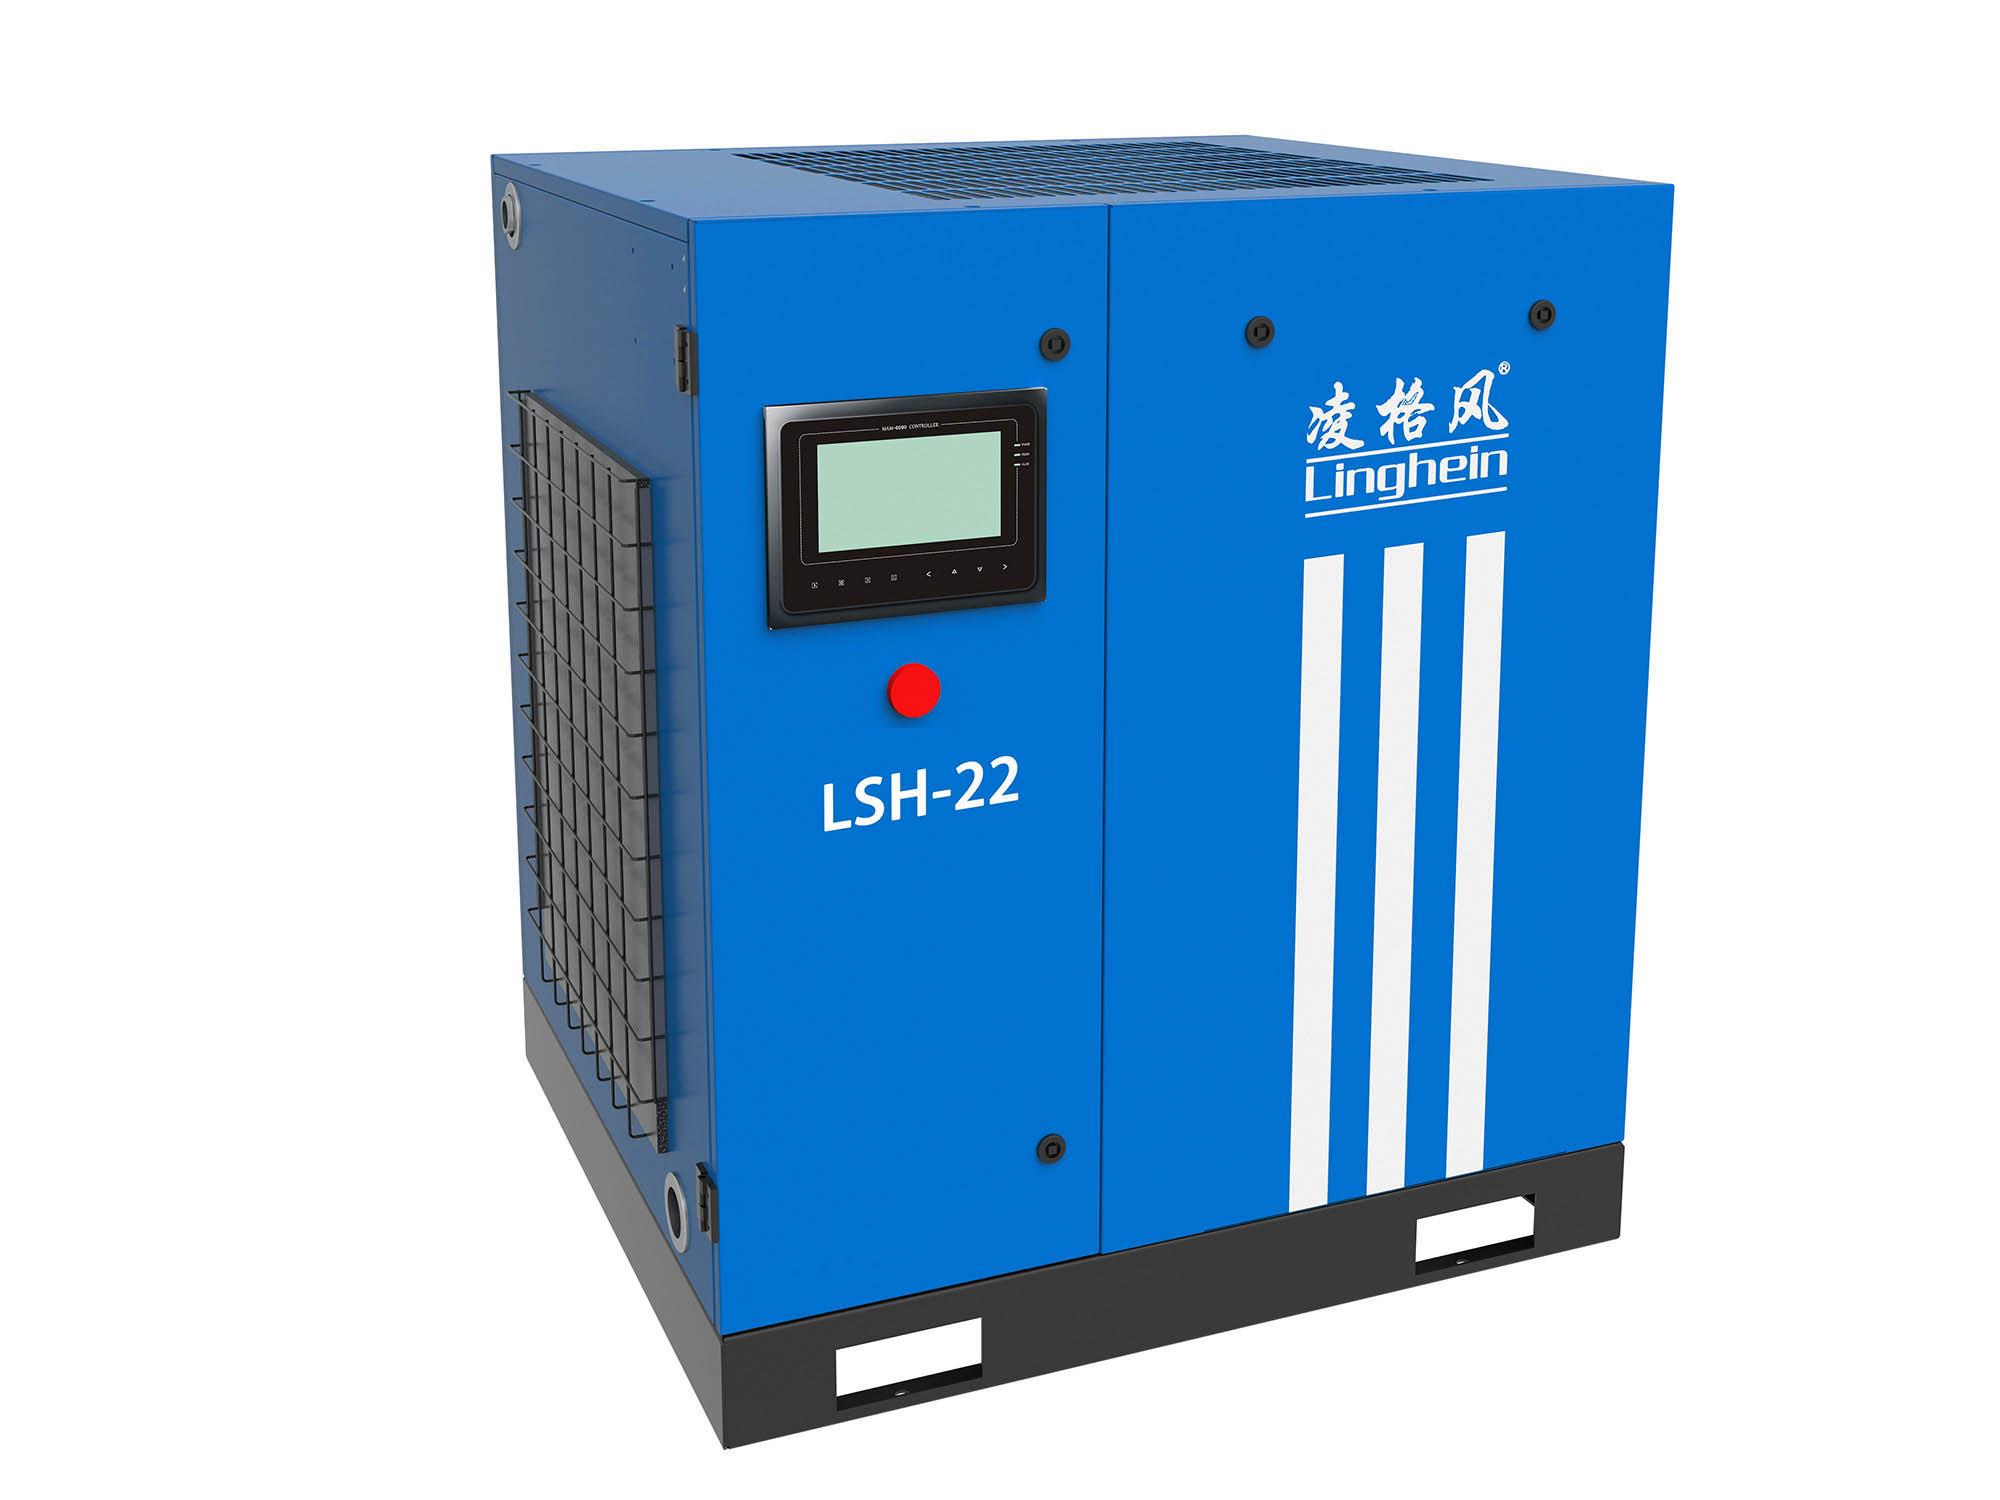 福建静音螺杆压缩机品质售后无忧 诚信服务 上海凌格风气体技术供应